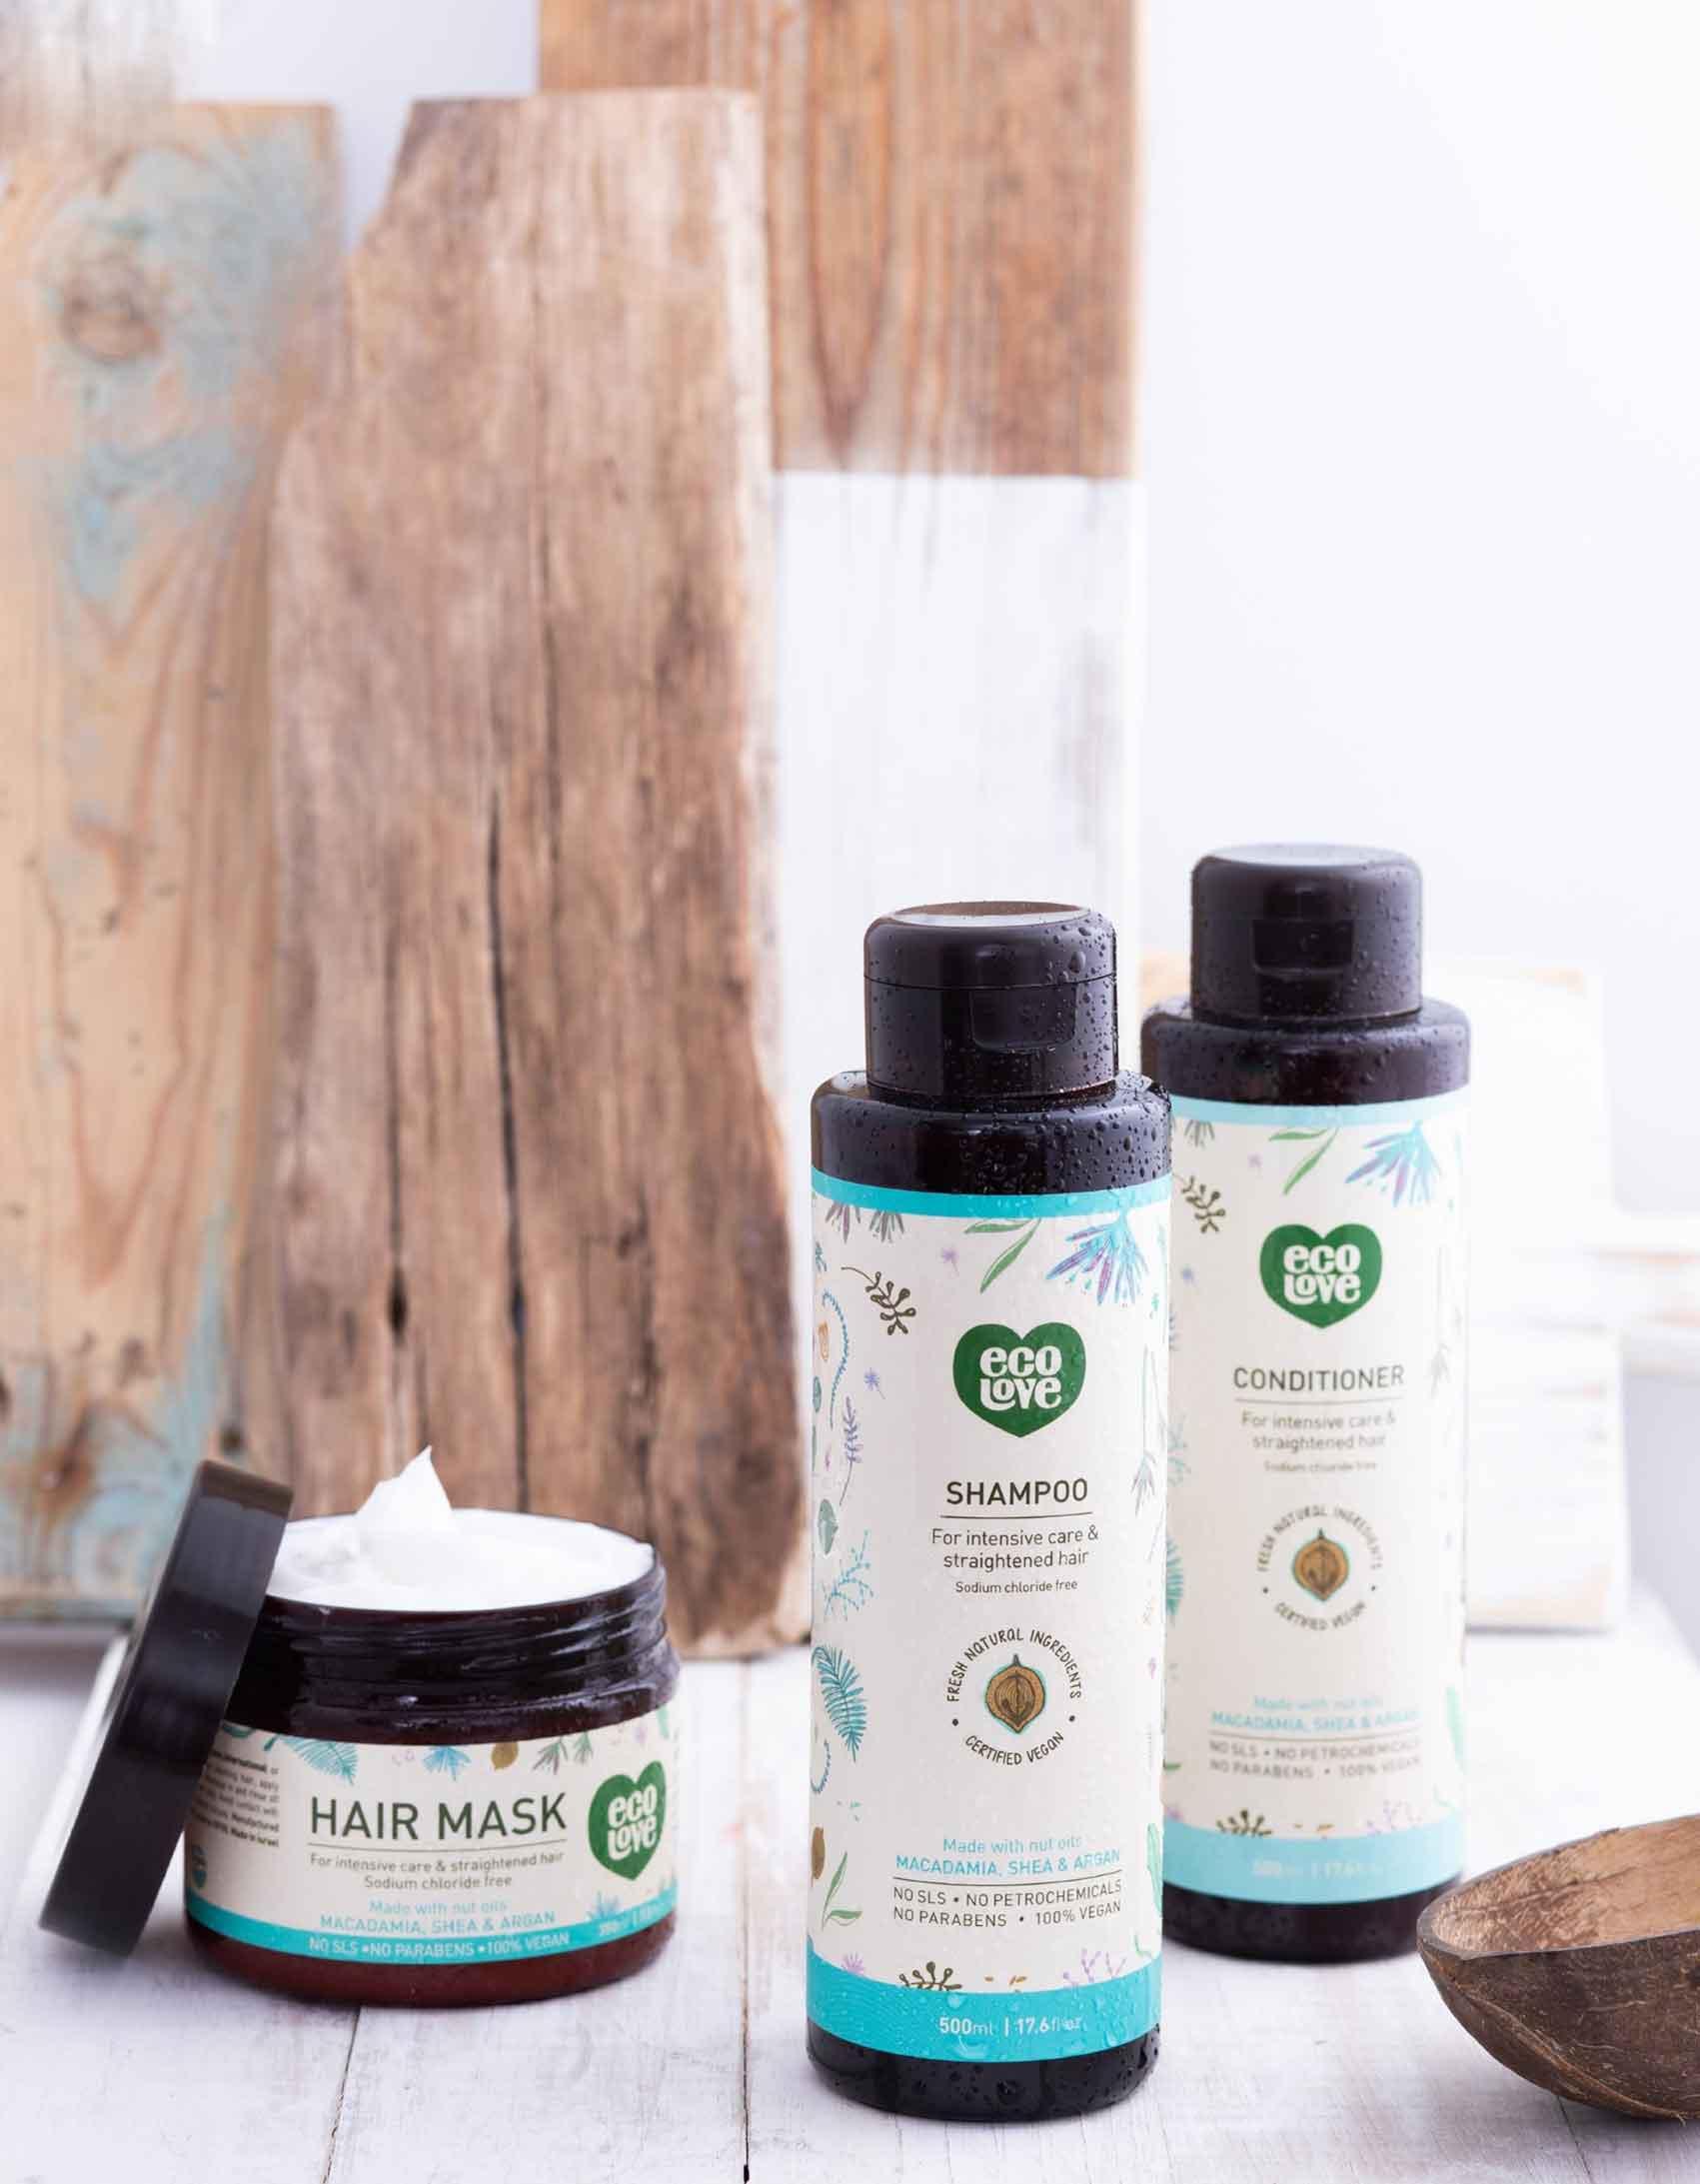 ecoLove-מוצרי-שיער-על בסיס-שמן-אגוזים-ביוטי